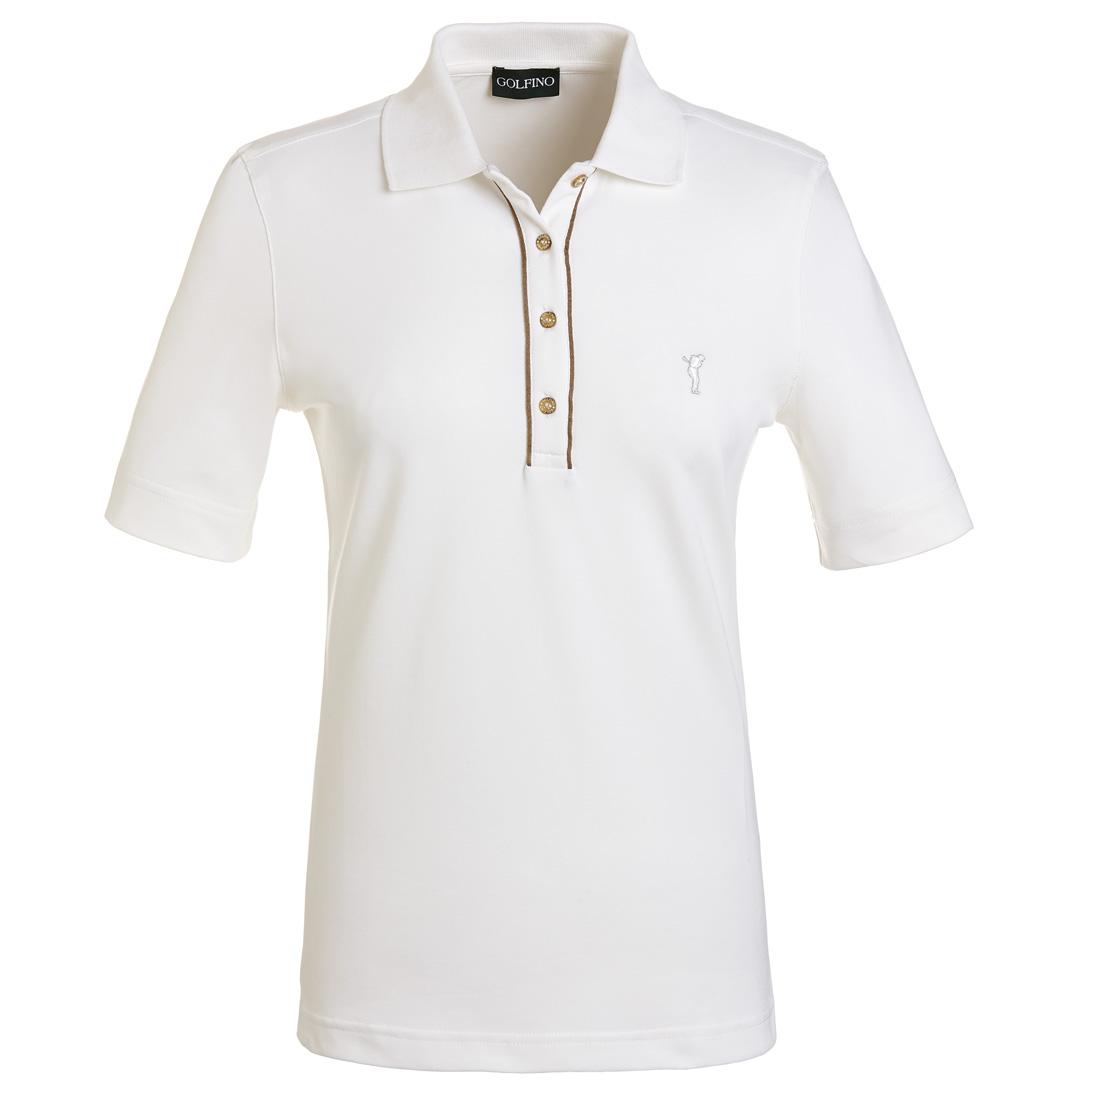 Kurzarm Poloshirt mit Sonnenschutz Weiß